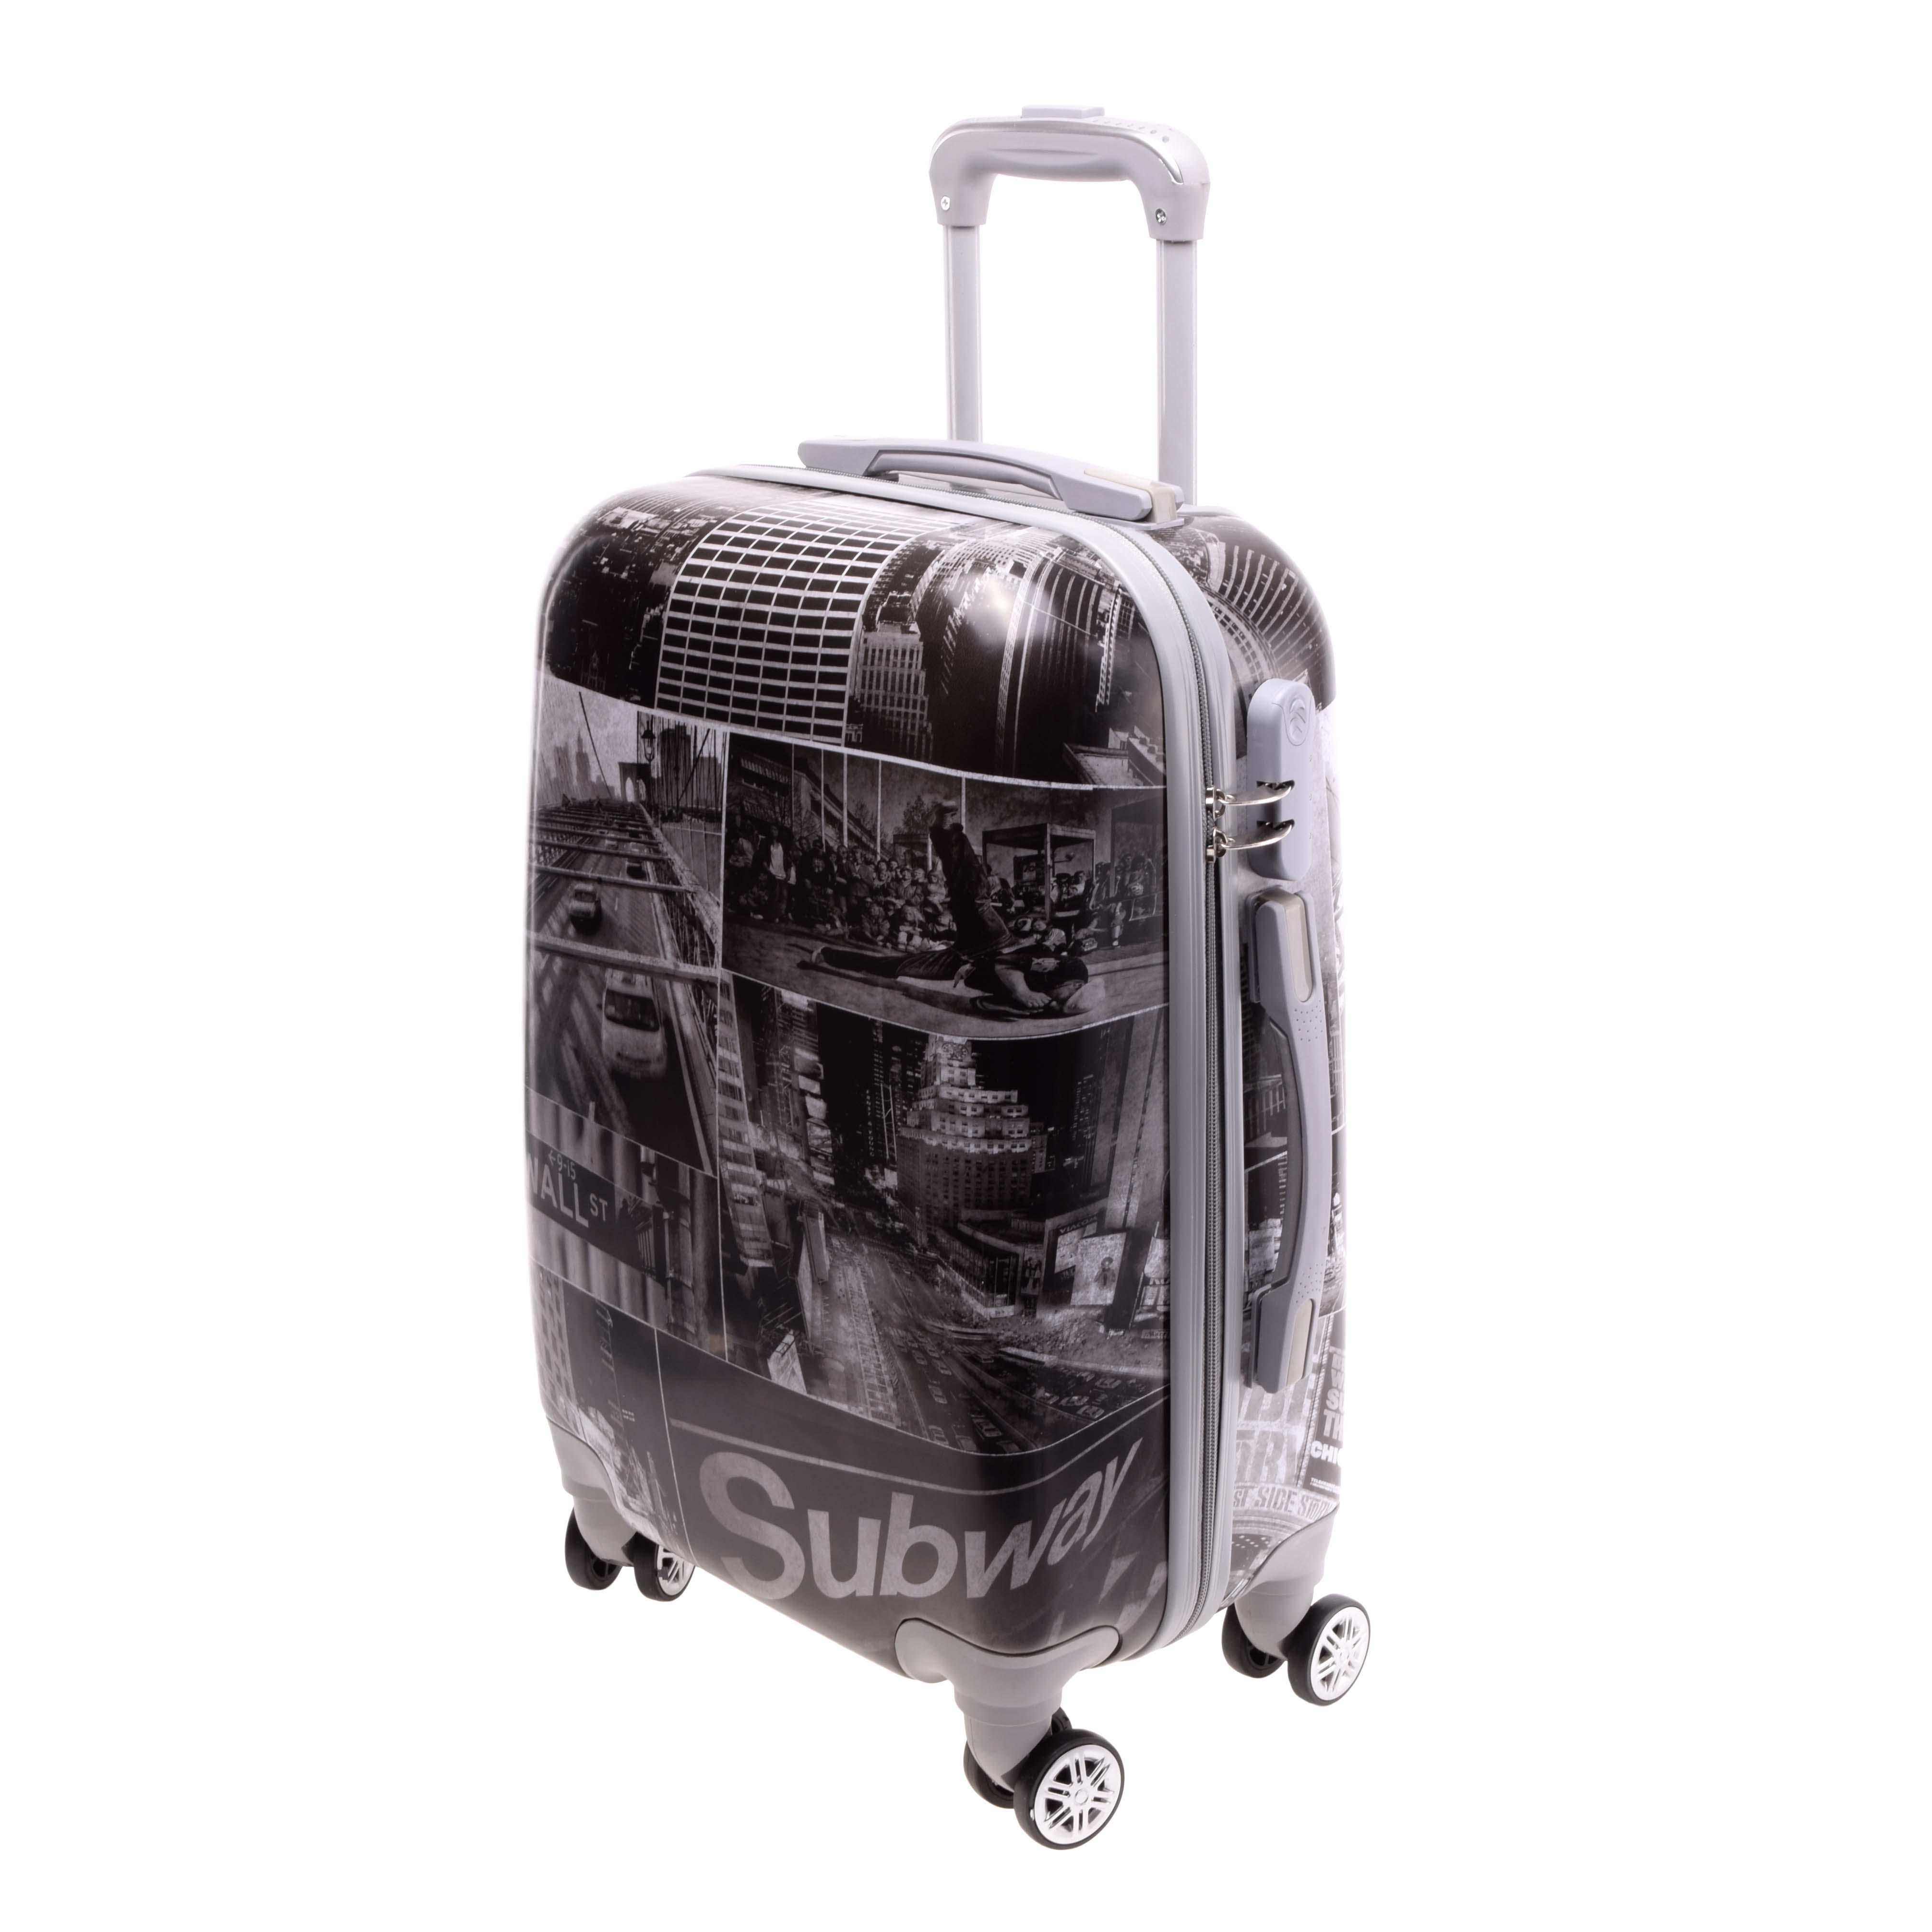 a108d8fe4ebf Ormi Subway Kemény Nagy Bőrönd - NAGY MÉRETŰ BŐRÖNDÖK - Táska webáruház -  Minőségi táskák mindenkinek